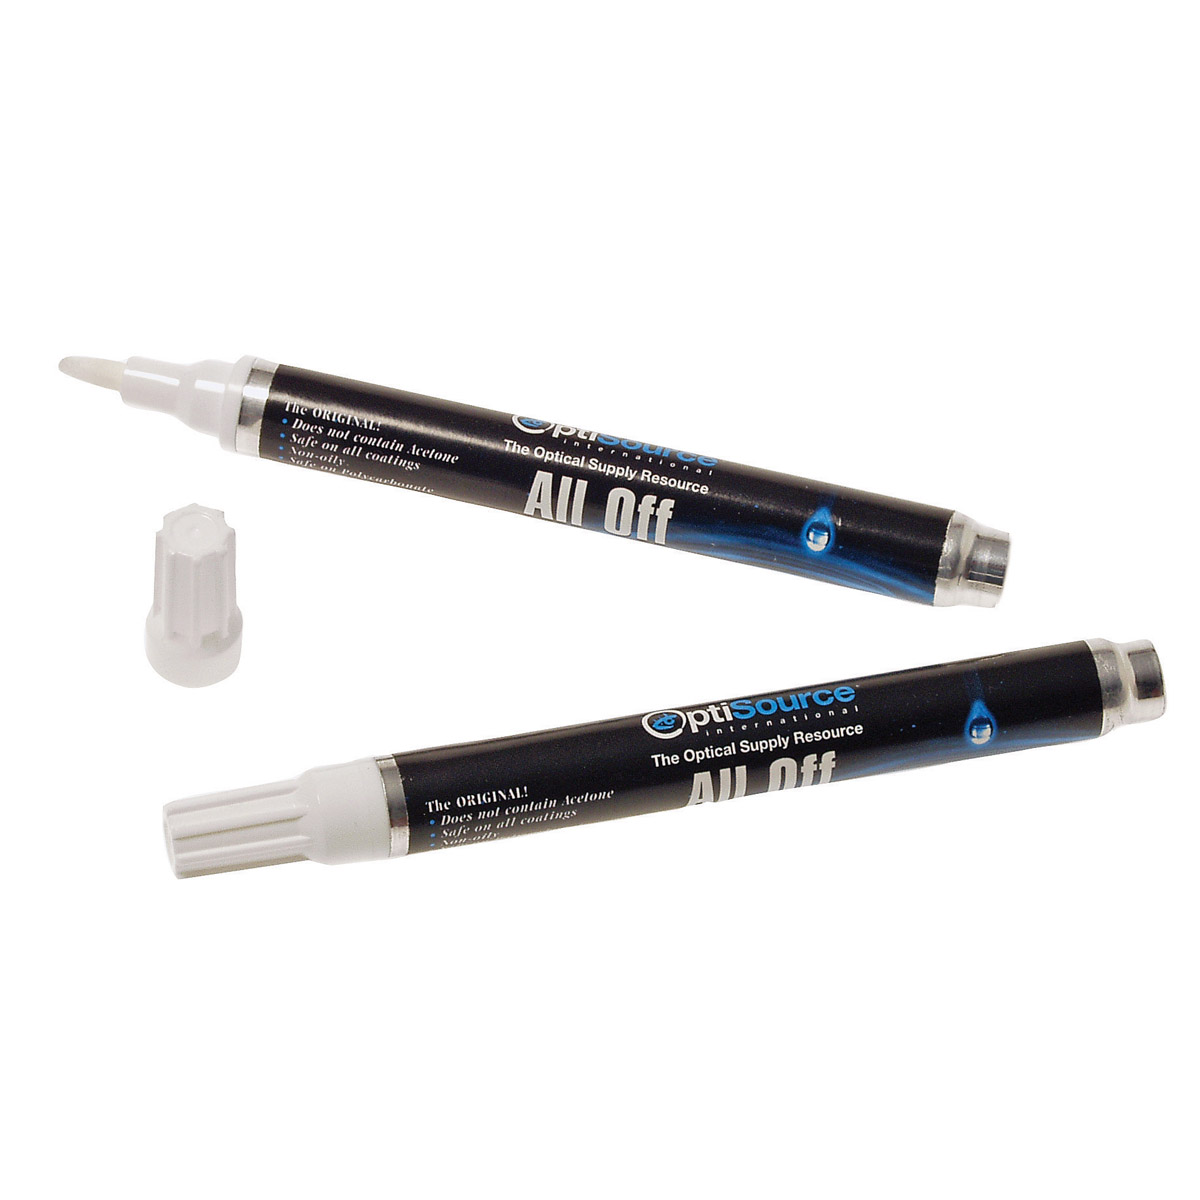 Ink Removing Formula